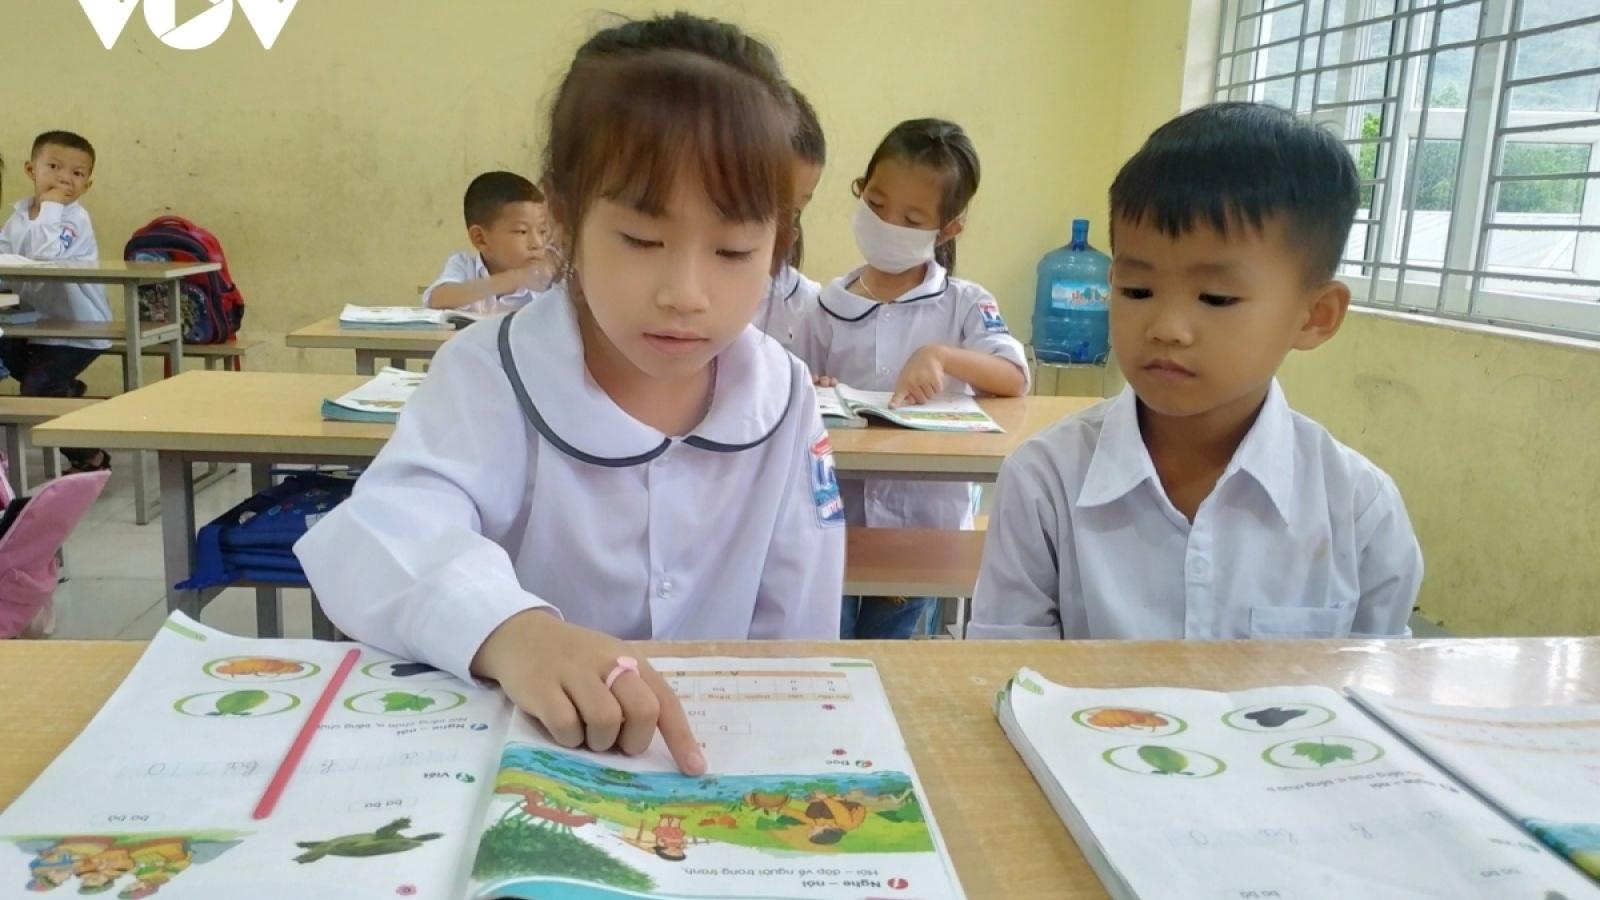 Phổ cập giáo dục mầm non cho trẻ 5 tuổi: 10 năm thành công, sẵn sàng giai đoạn mới